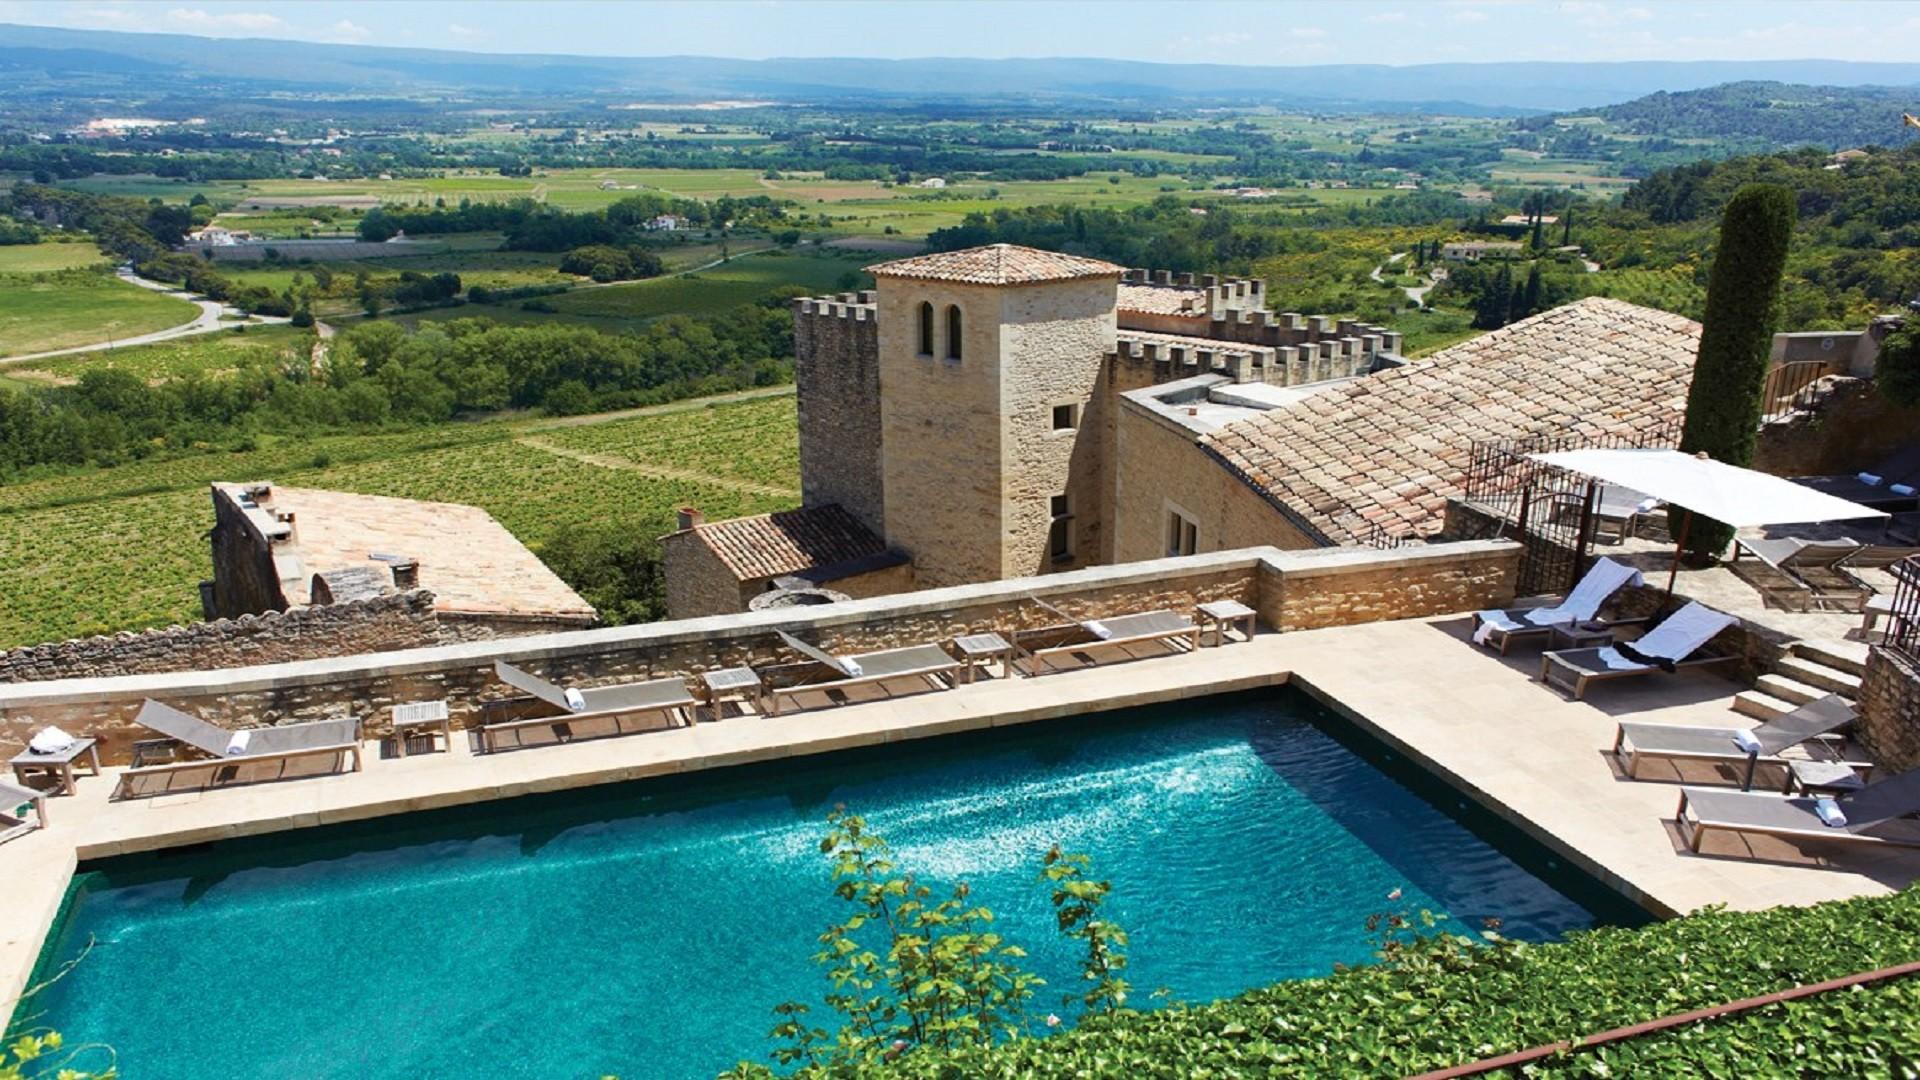 Crillon-le-brave-mont-ventoux-provence-avignon-panoramique-seminaires-de-caractere